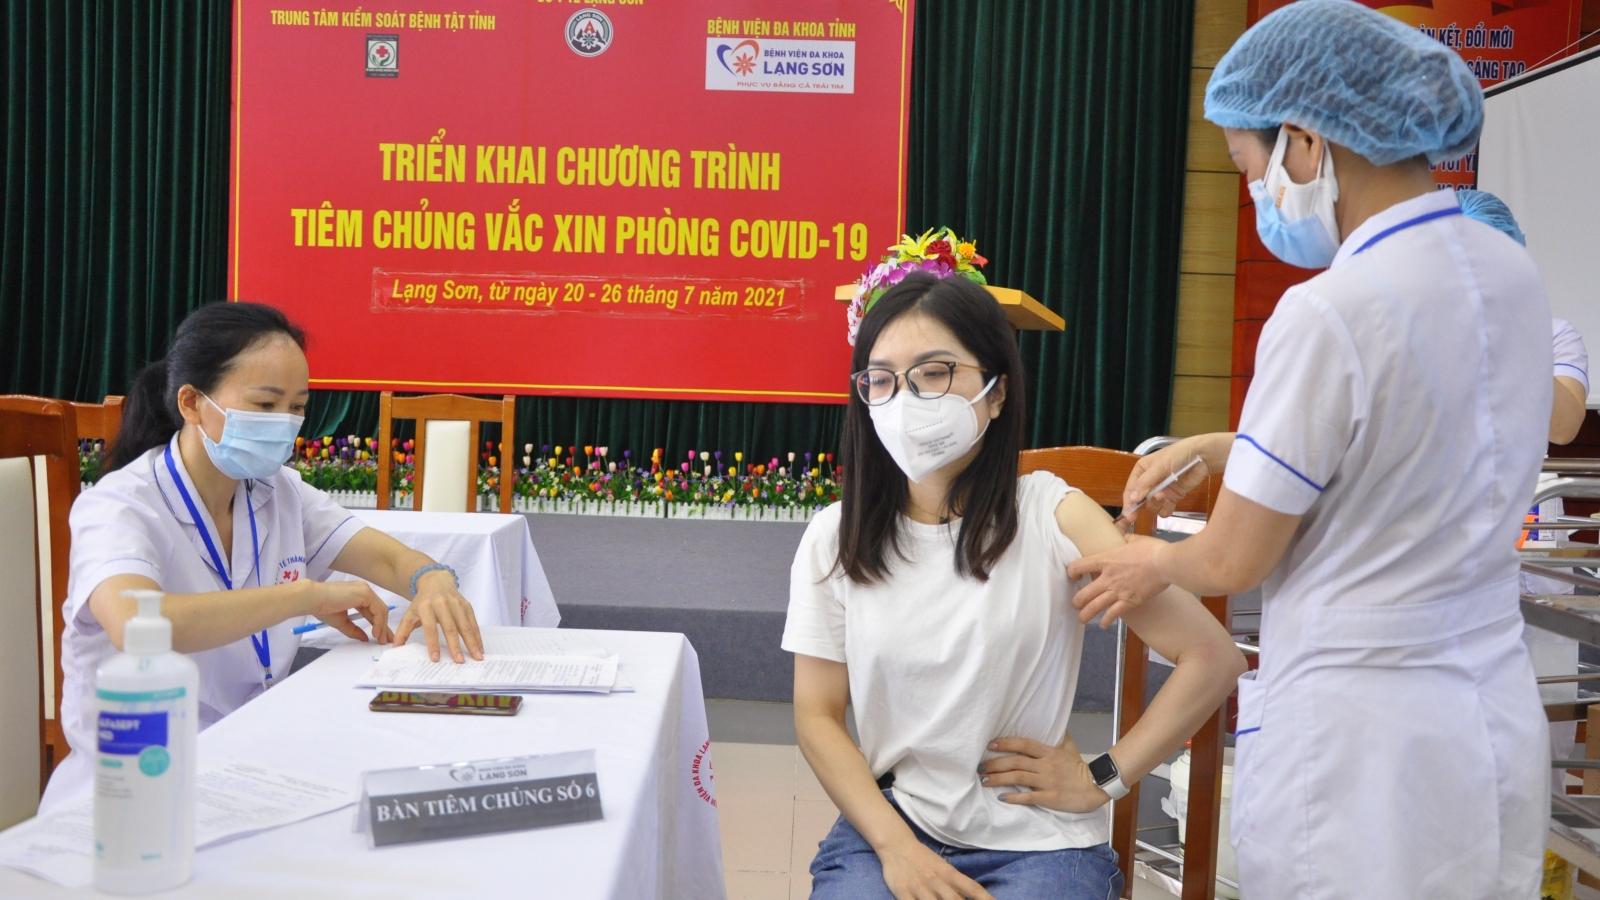 Lạng Sơn tiêm vaccine COVID-19 cho người dân khu vực biên giới